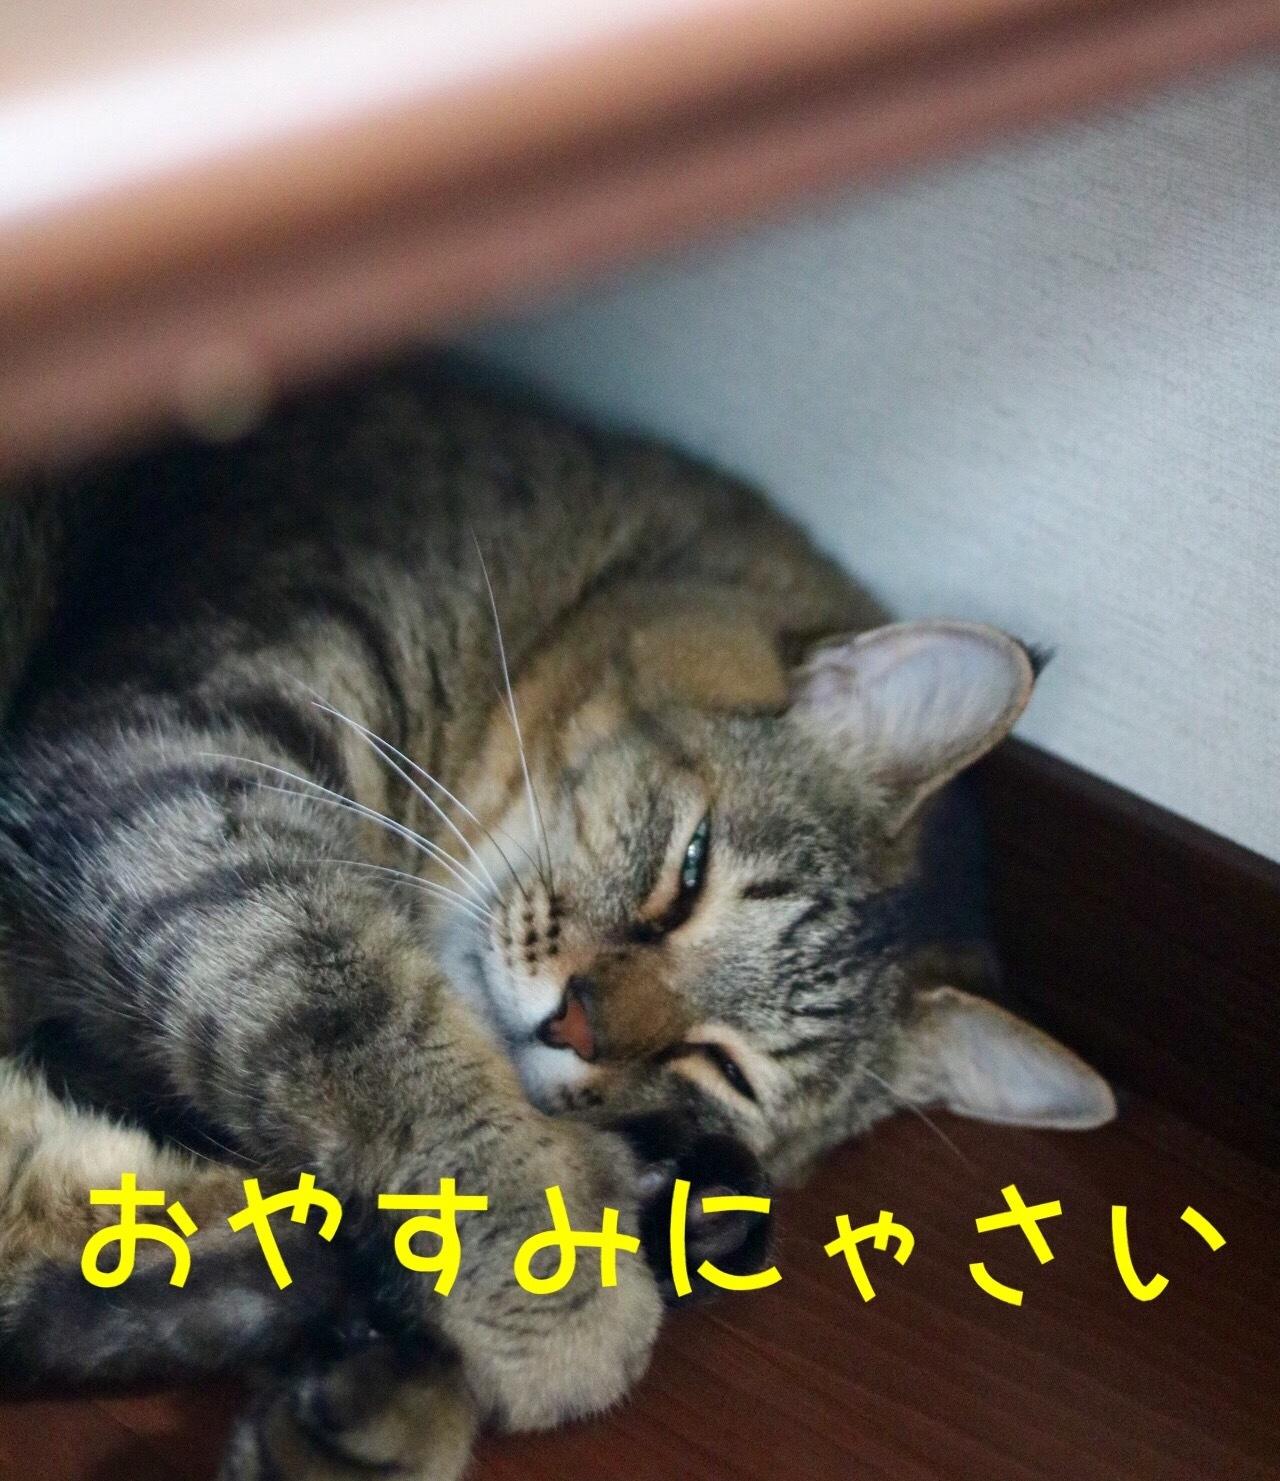 にゃんこ劇場「いってらっしゃいとおやすみにゃさい」_c0366722_06034316.jpeg